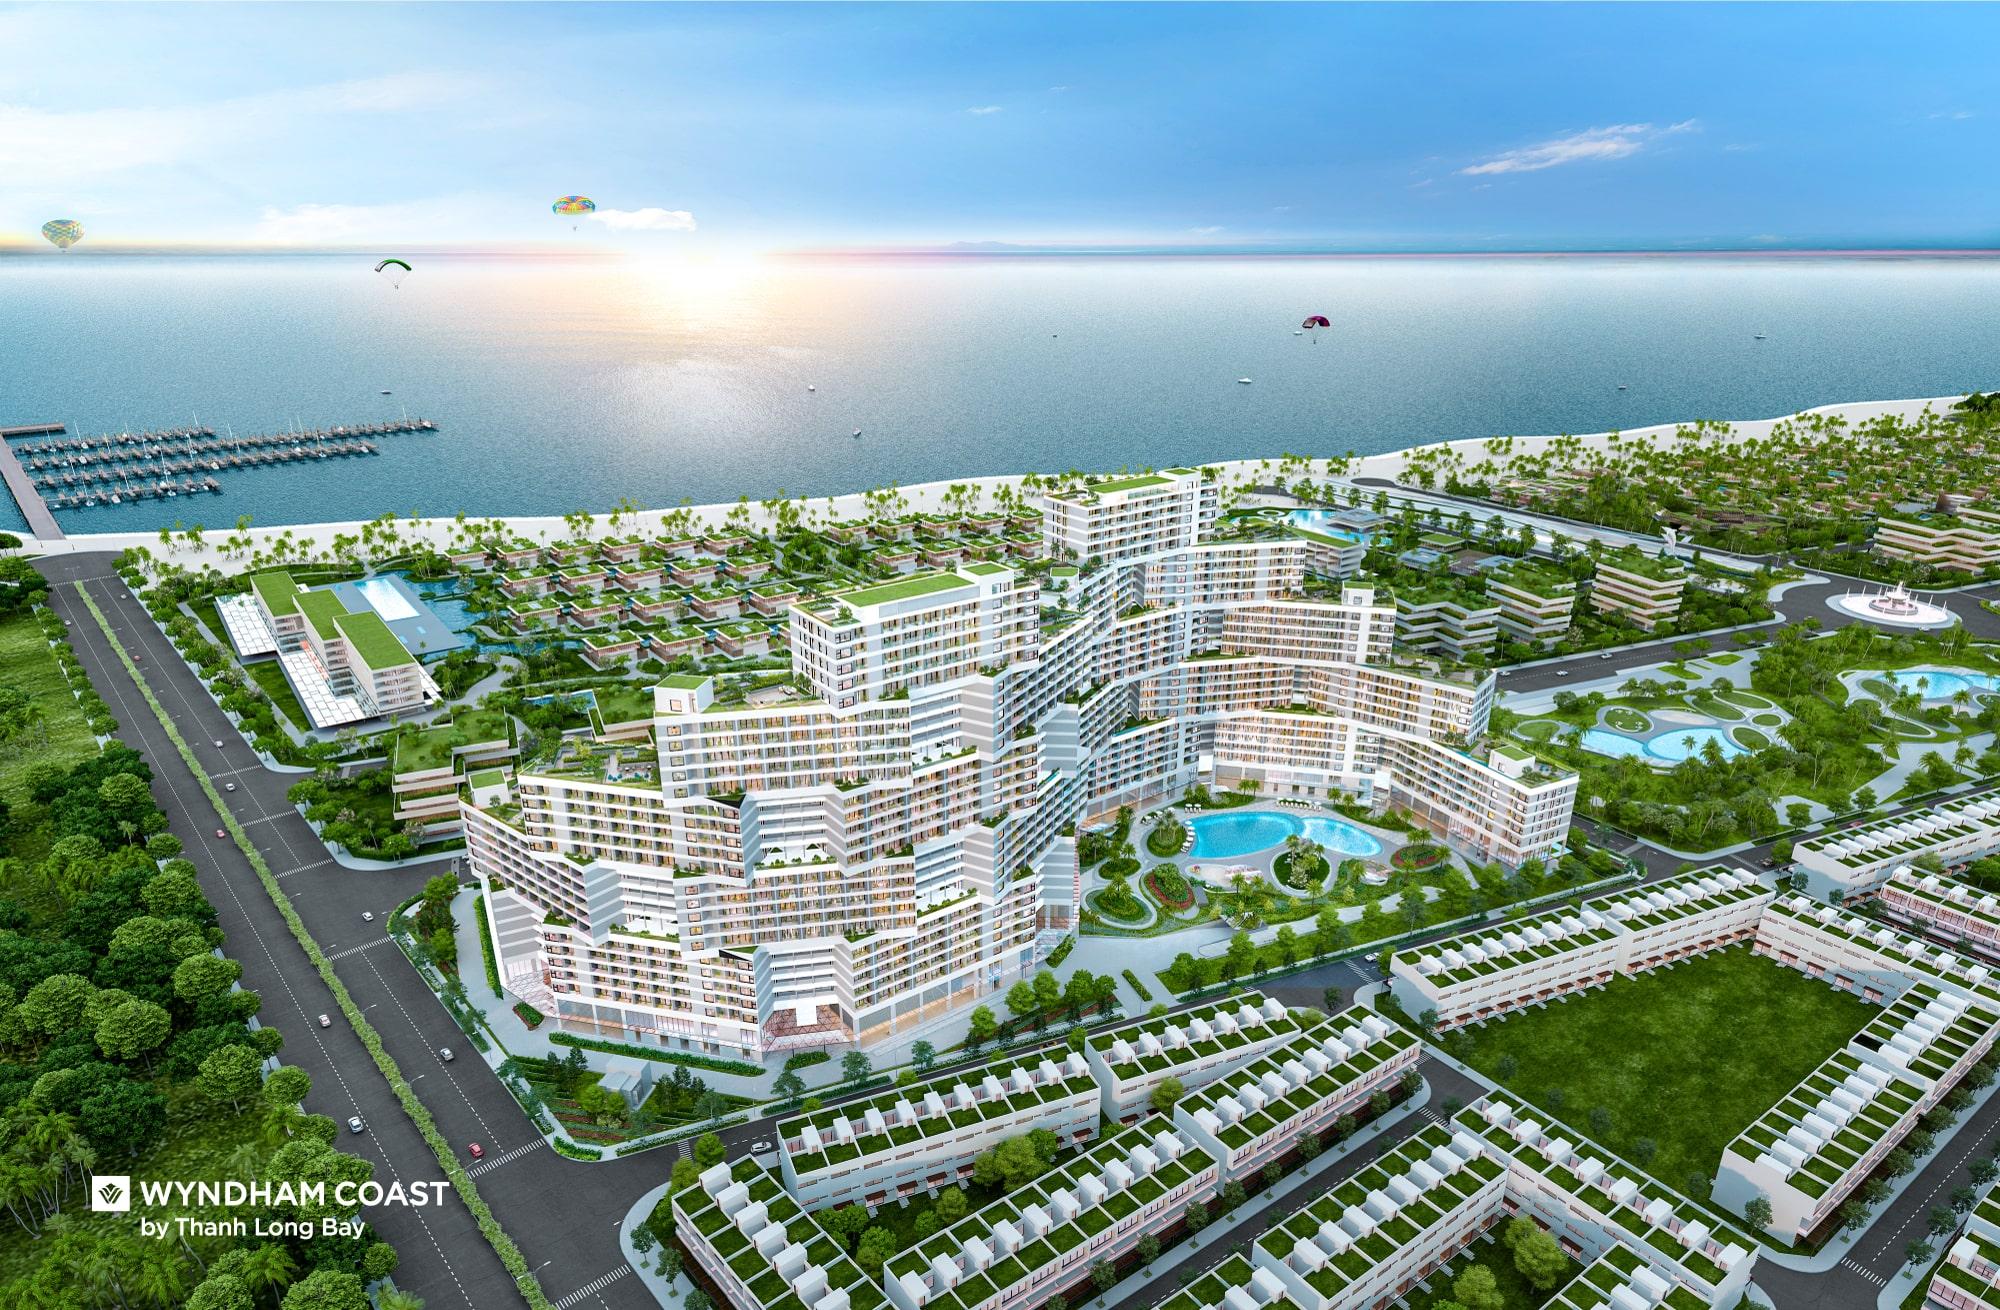 Phân khu căn hộ Wyndham Coast by Thanh Long bay